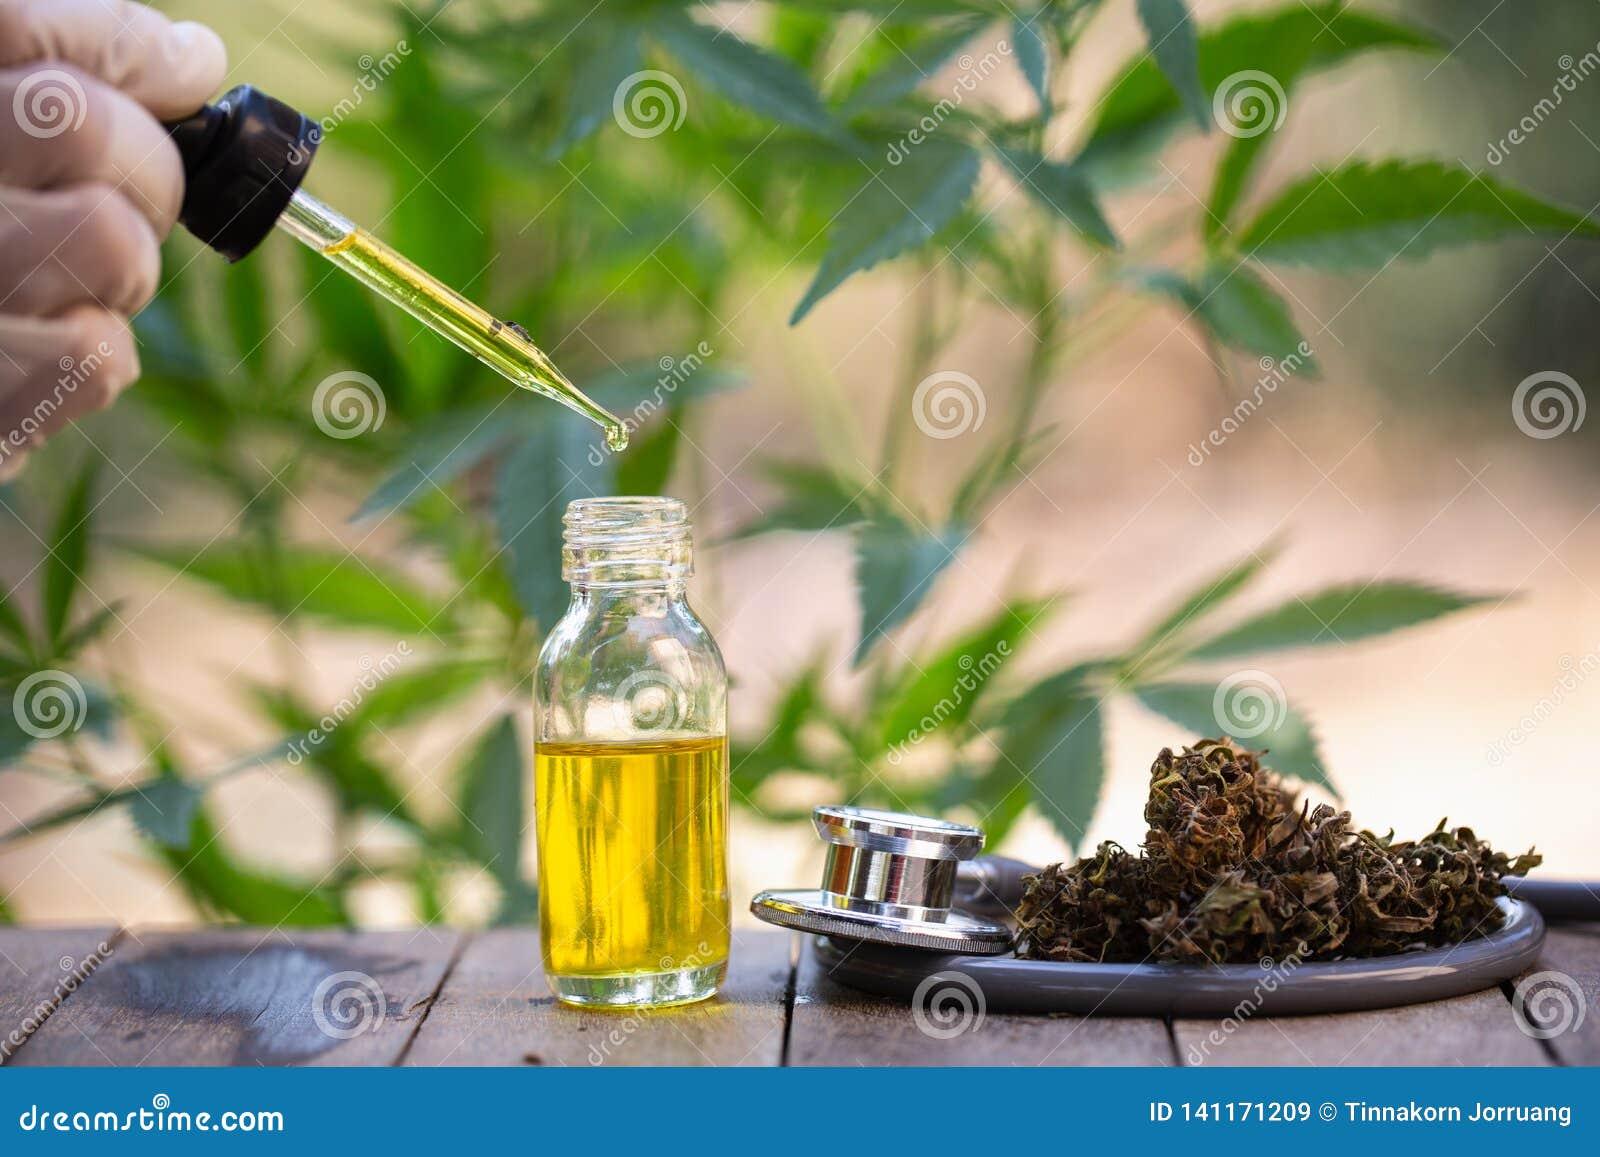 Hampaolja, medicinska marijuanaprodukter inklusive cannabisbladet, torkad knopp-, cbd- och pölsaolja över svart träbakgrund